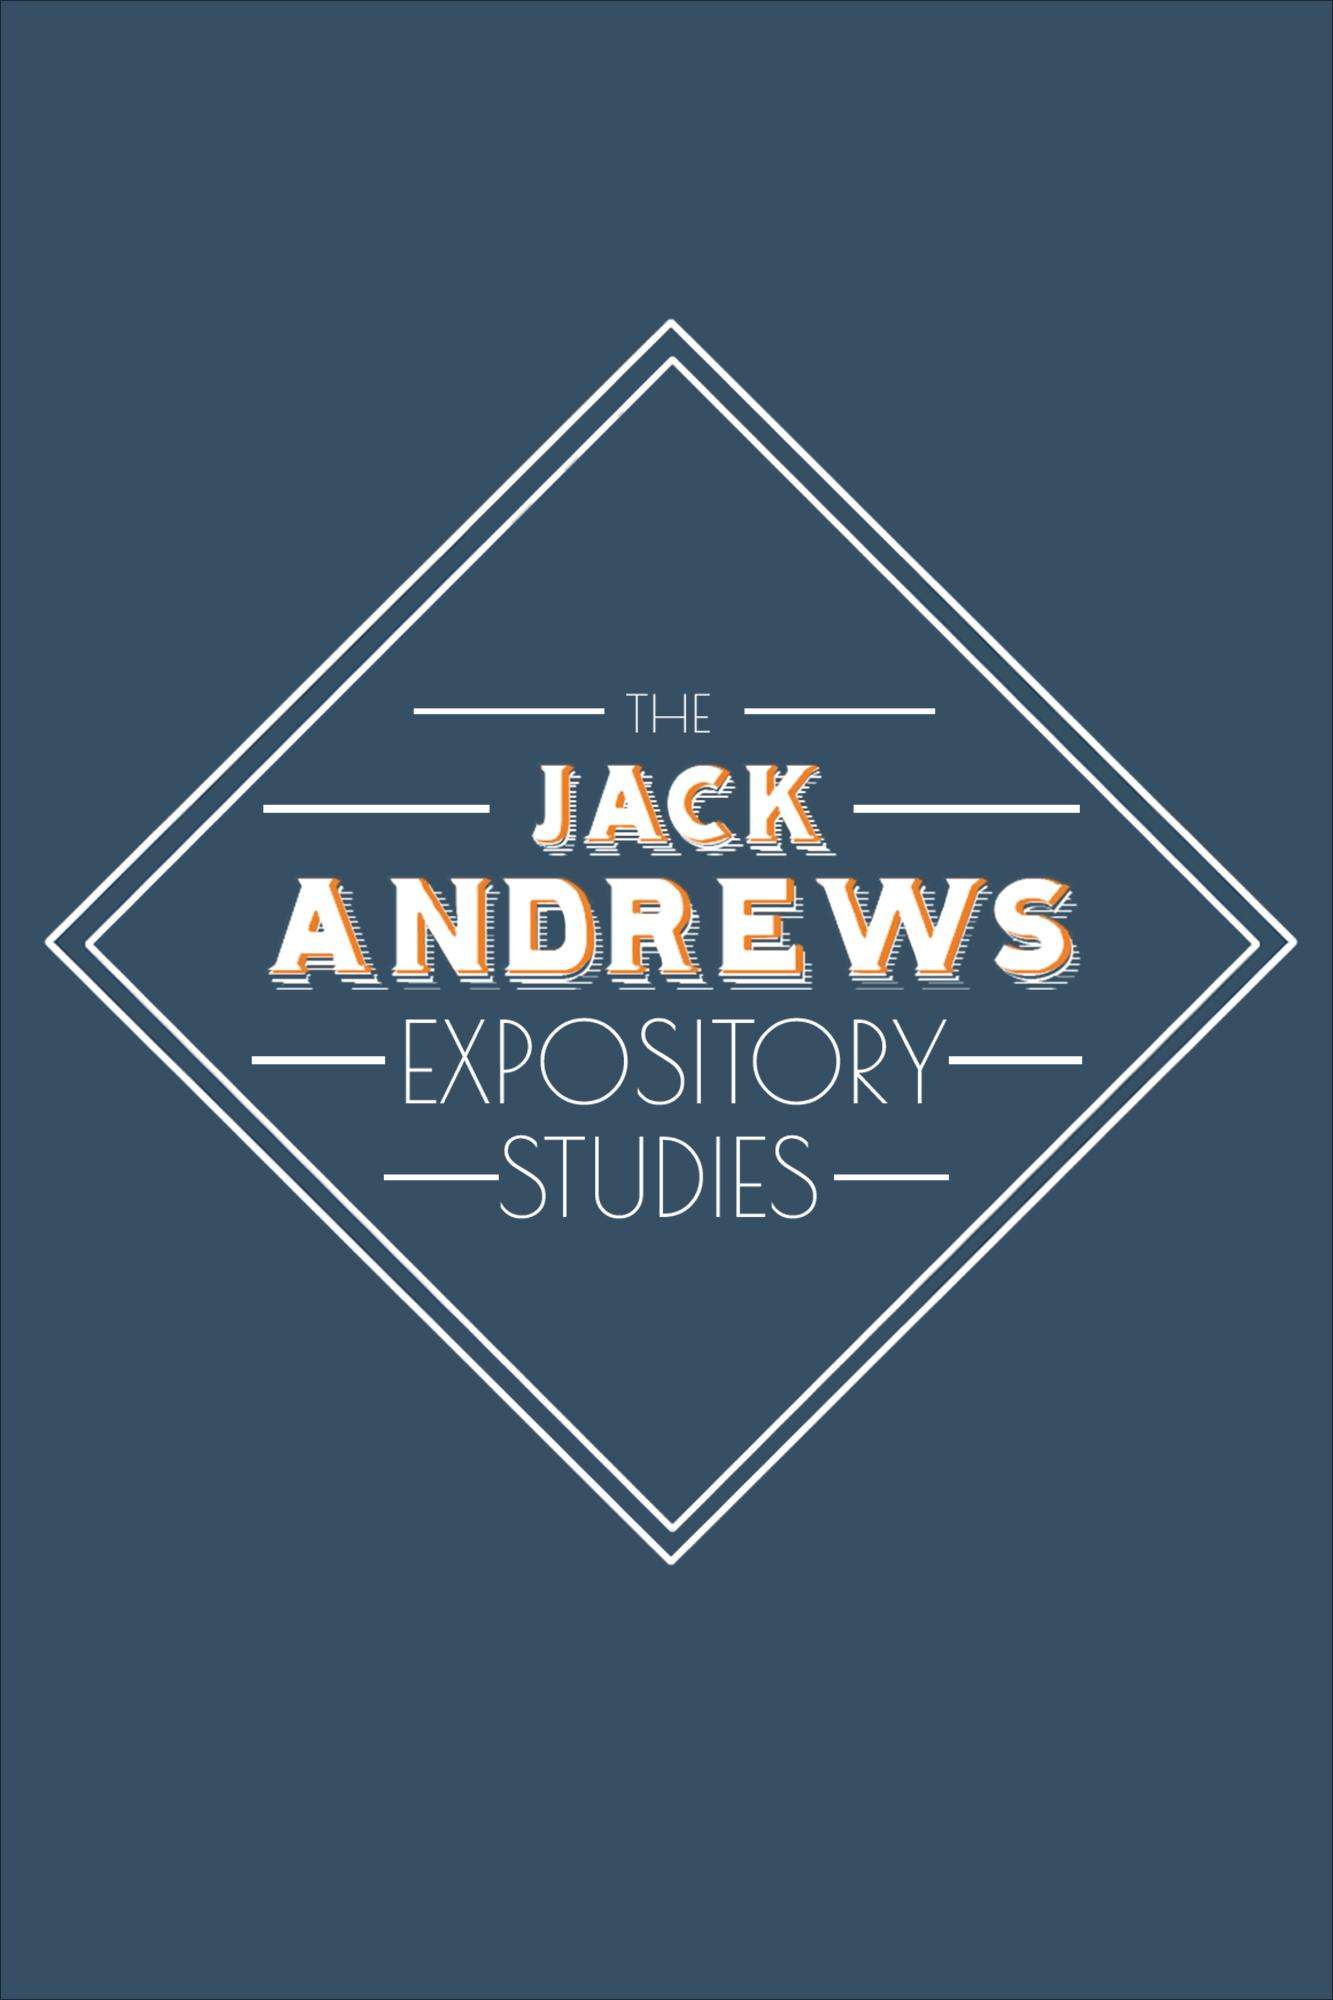 Biblical Studies | Andrews University Press - Digital Commons